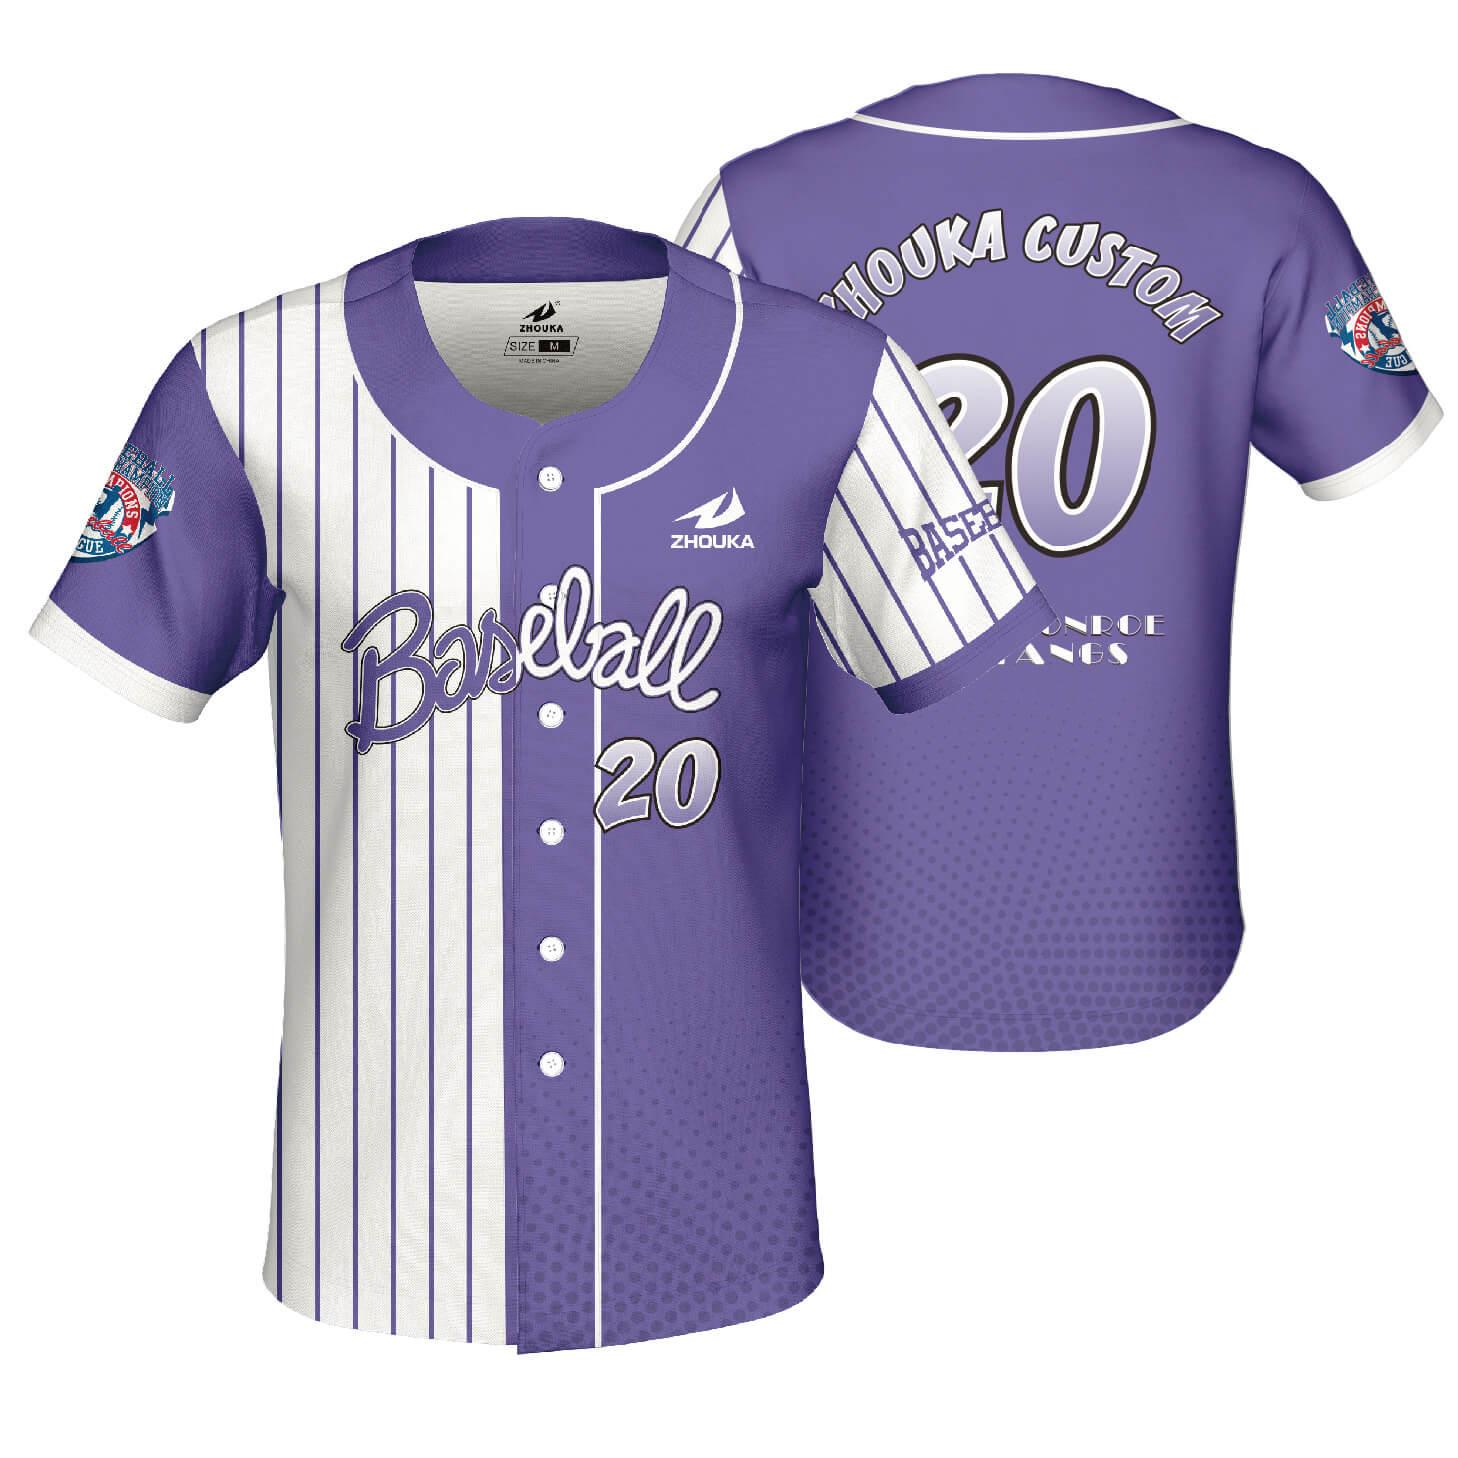 棒球服队服